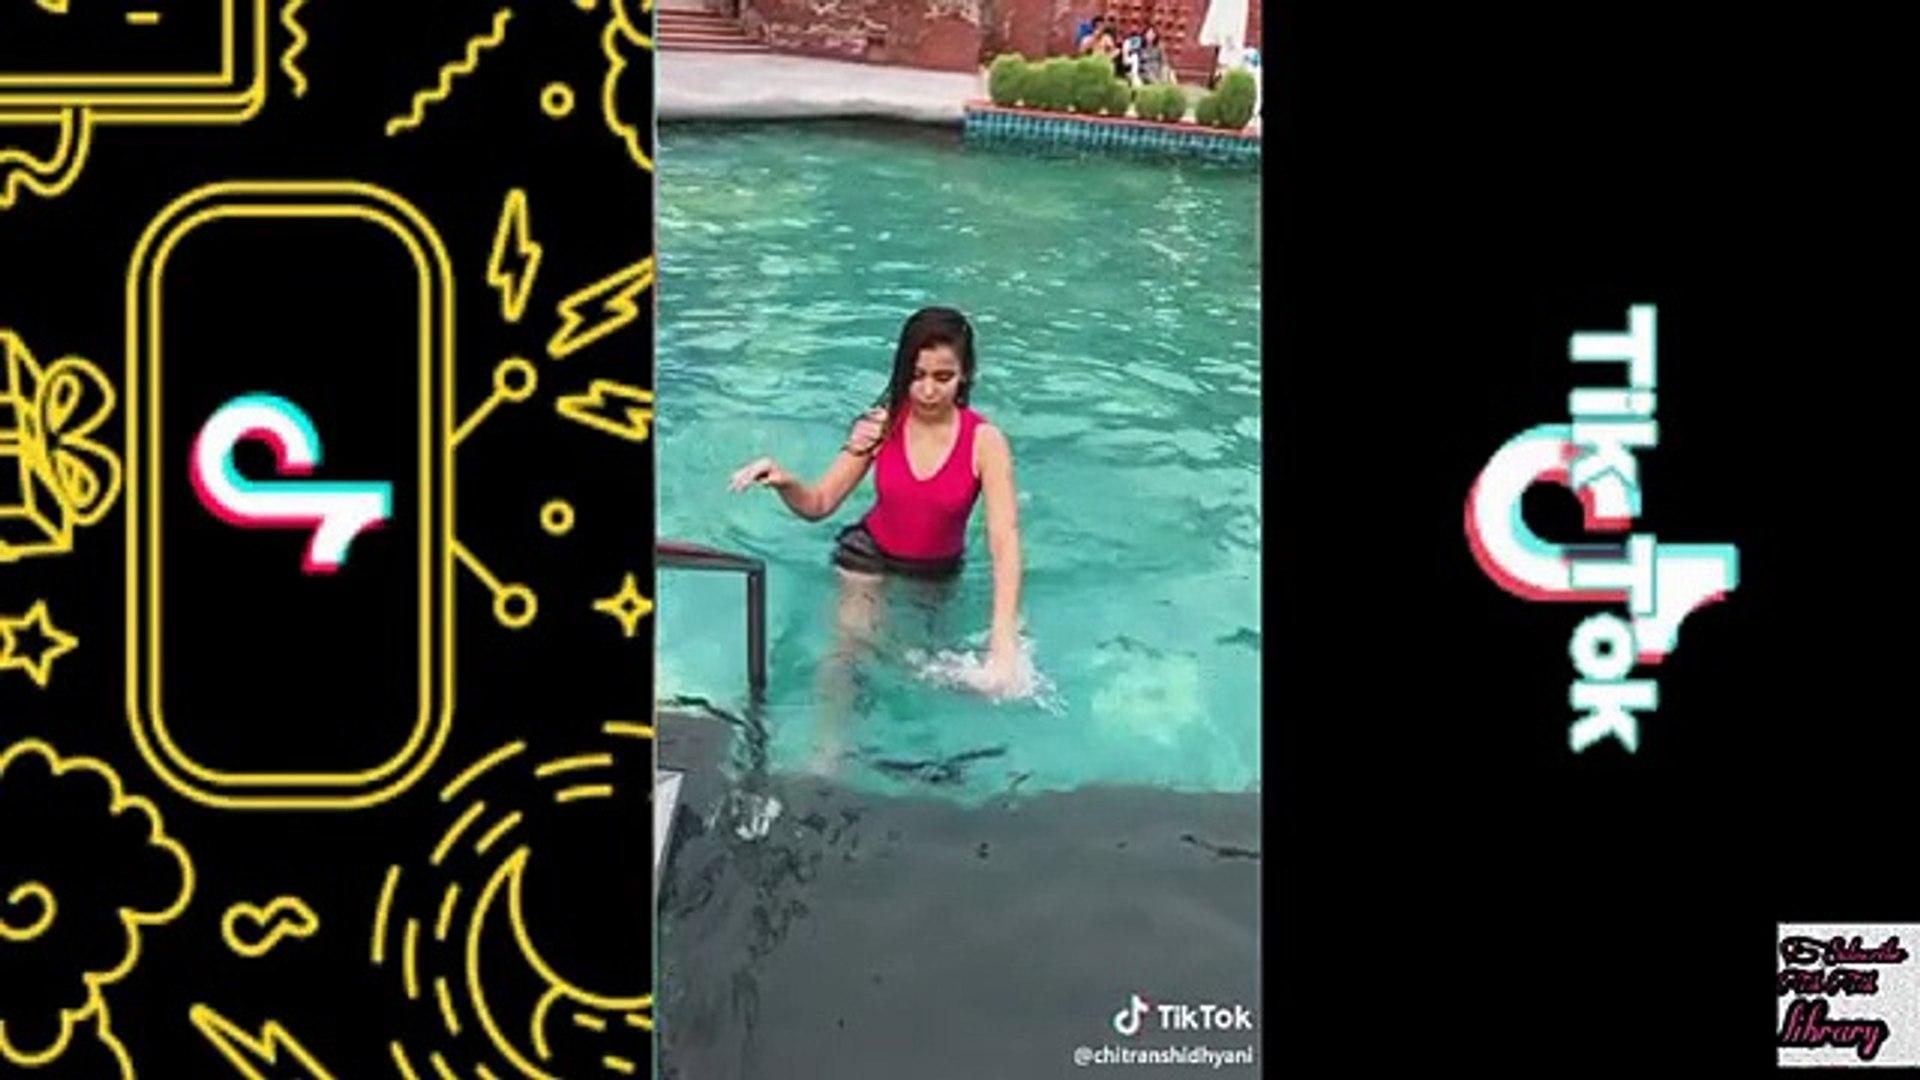 -Chitranshi Dhyani- on tiktok (musically)-funny, funny videos , funny prank,Funny Prank funny, funny